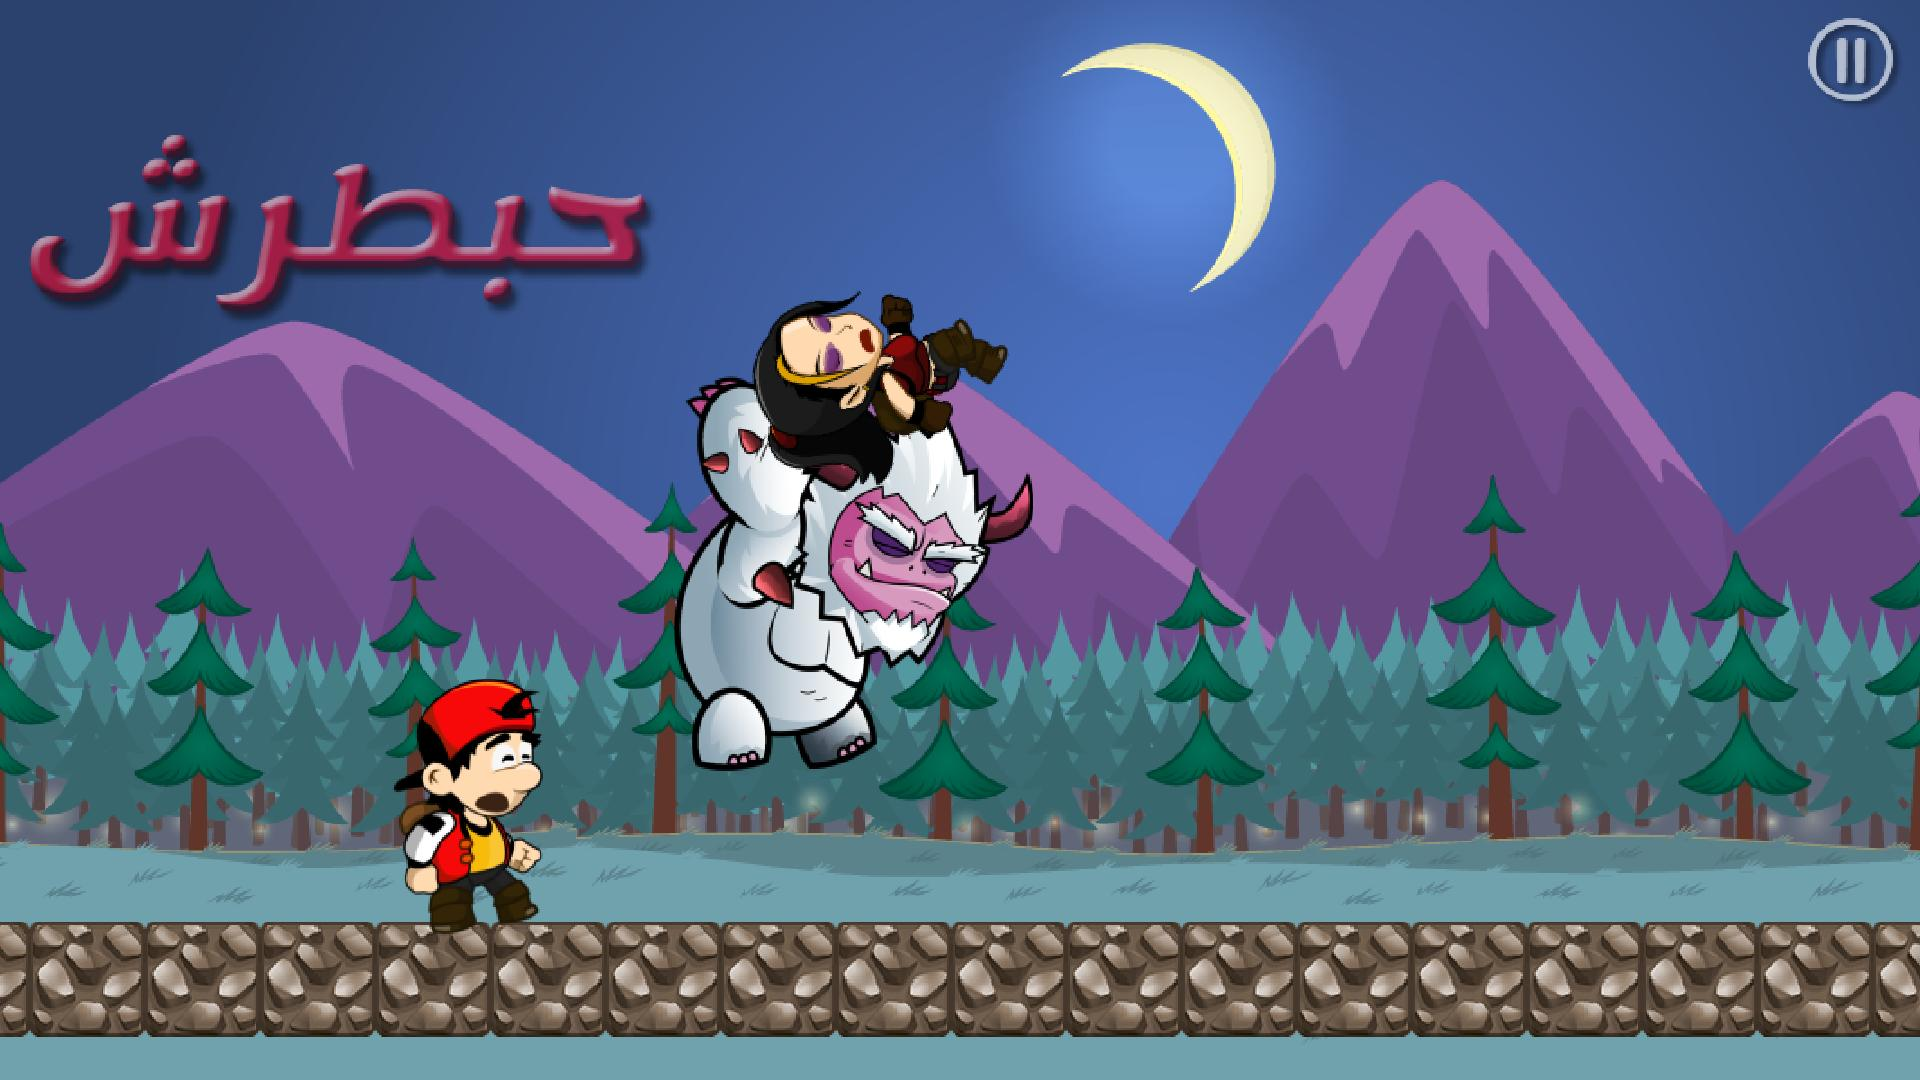 سوبر فرحان 👲 لعبة مغامرات 1.1.3 Screenshot 5